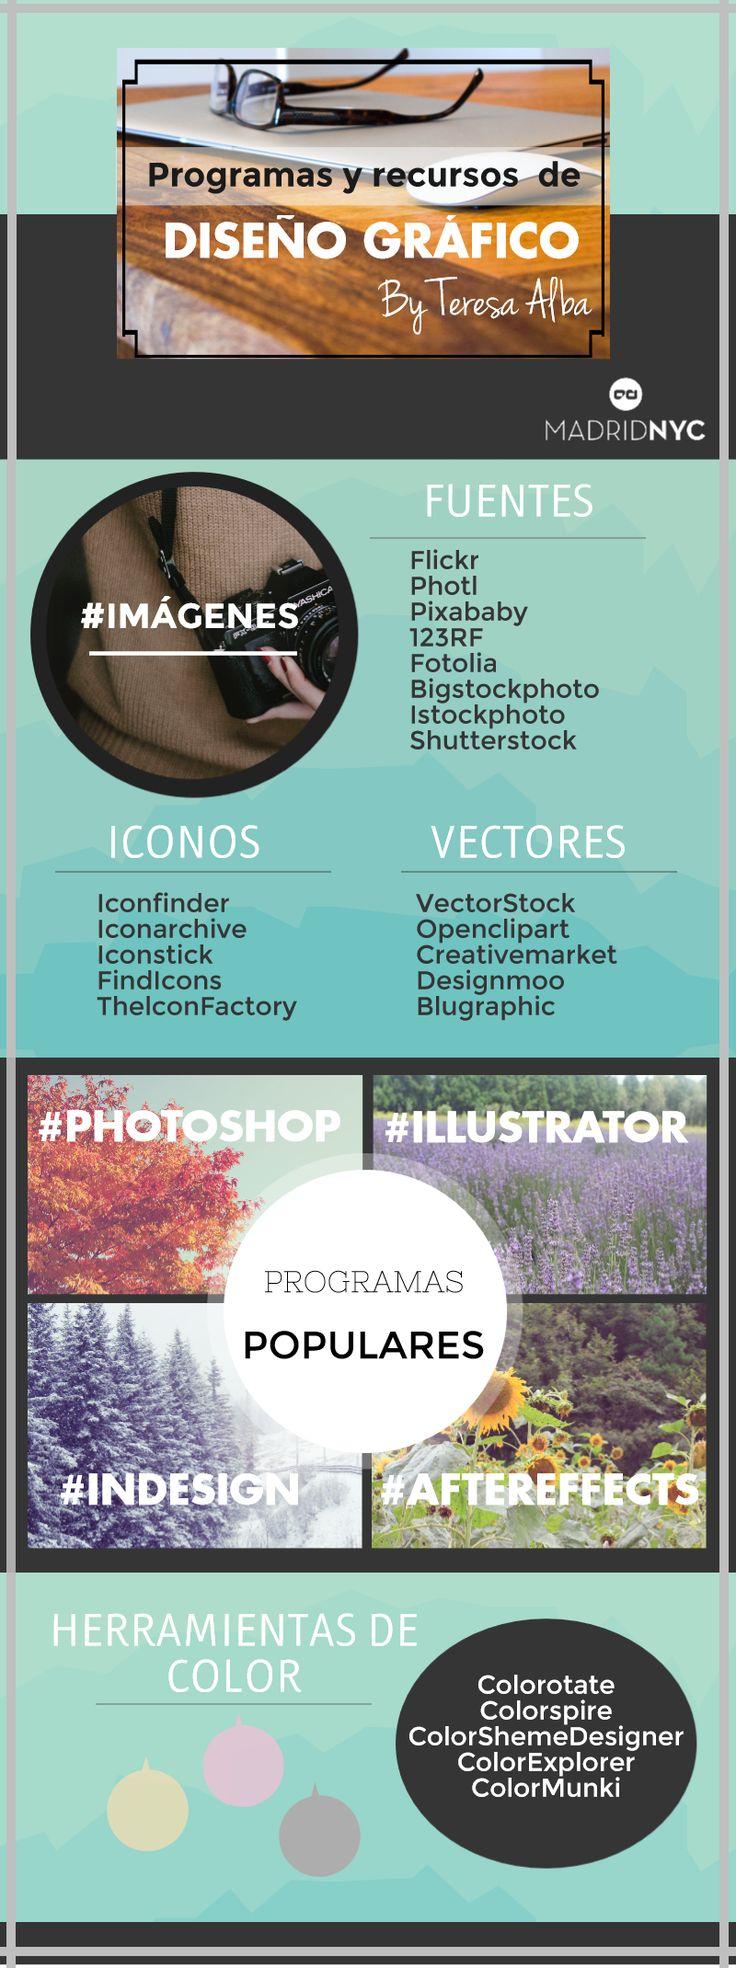 programas-de-diseño-gráfico-infografía-Teresa-Alba-MadridNYC